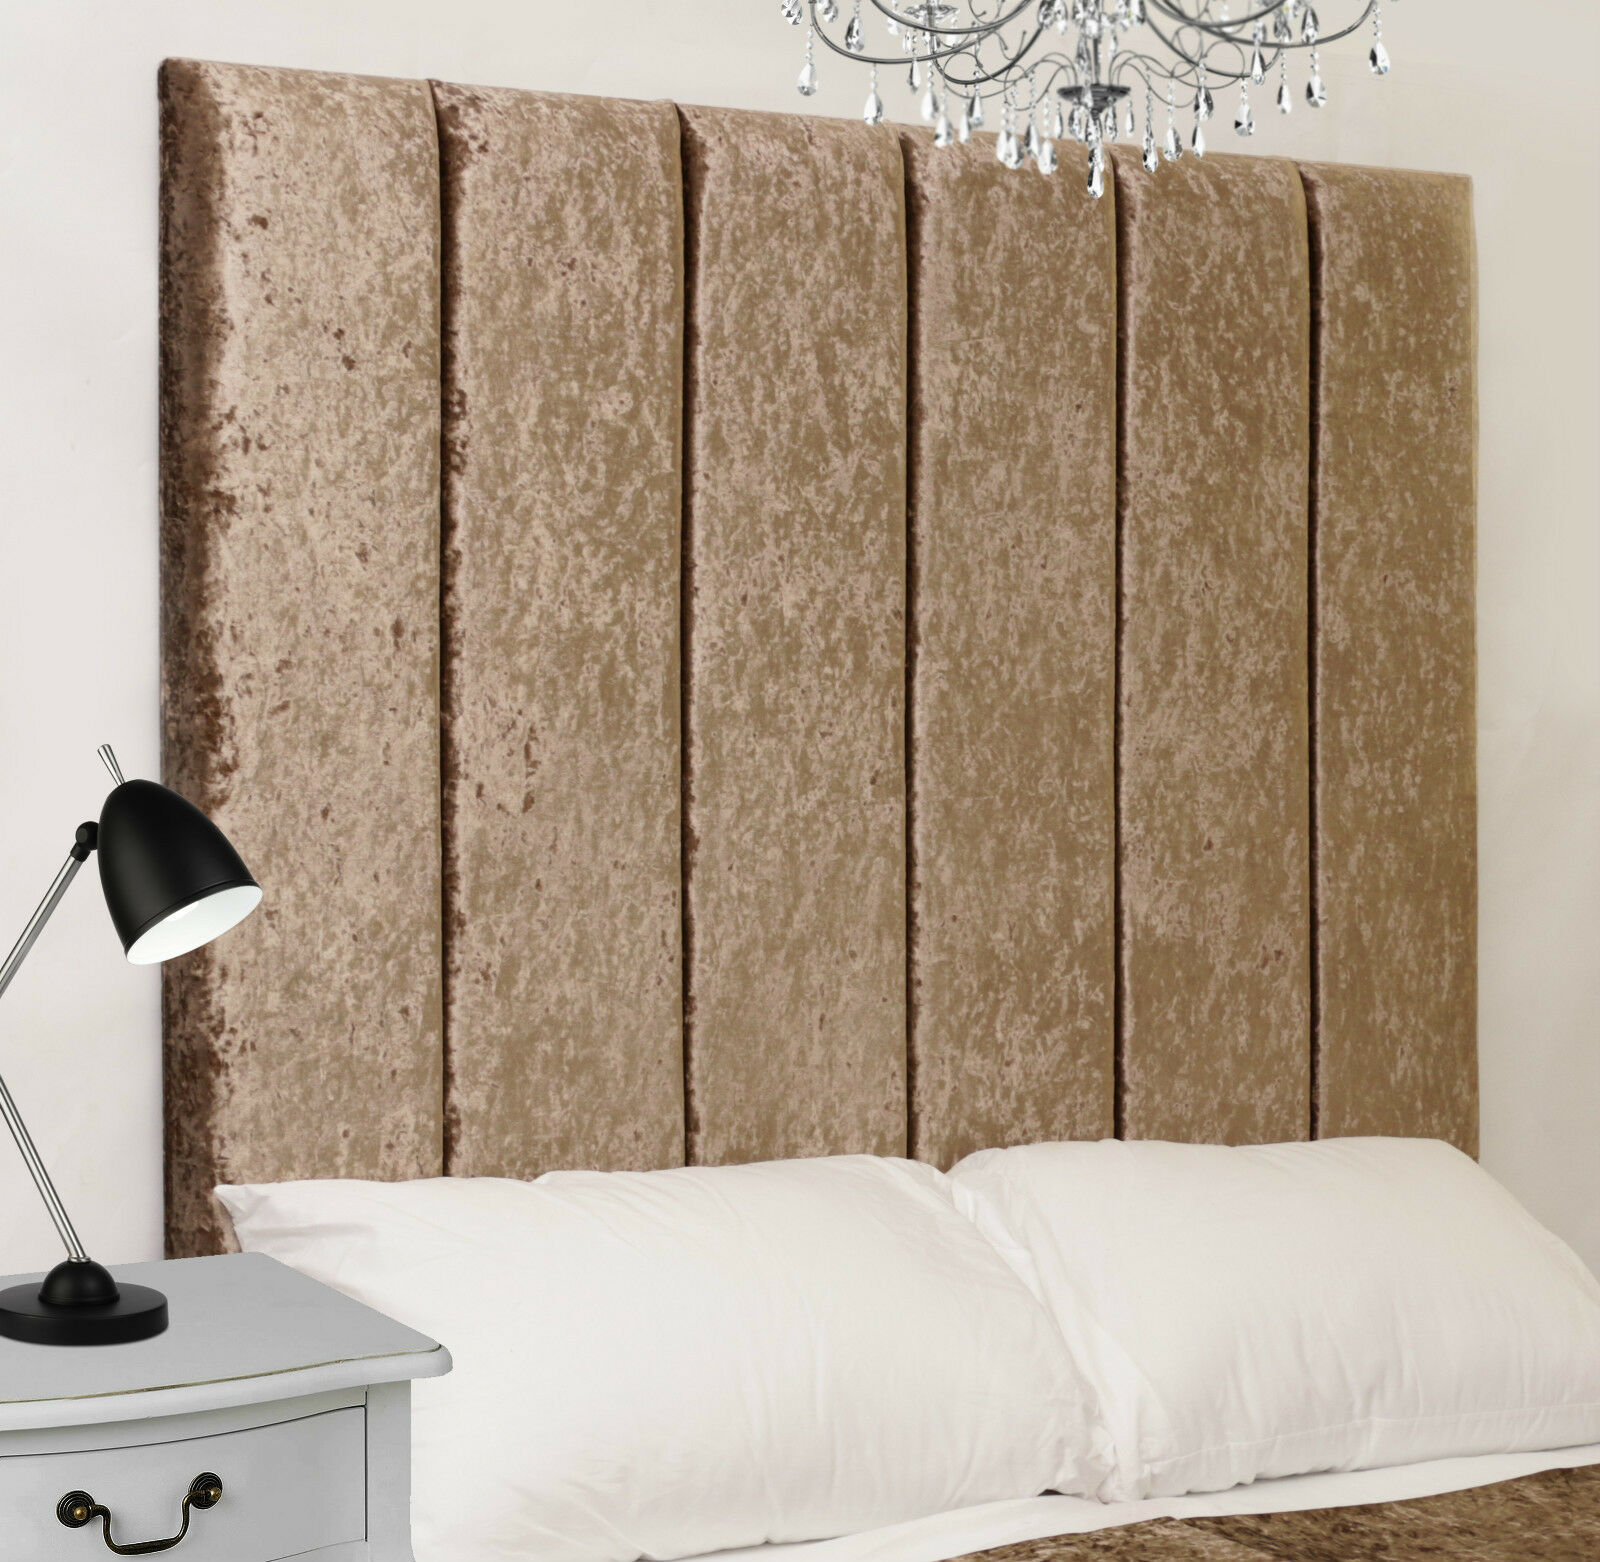 Hutt High Bed Headboard Crush Velvet All Sizes & Colours   eBay